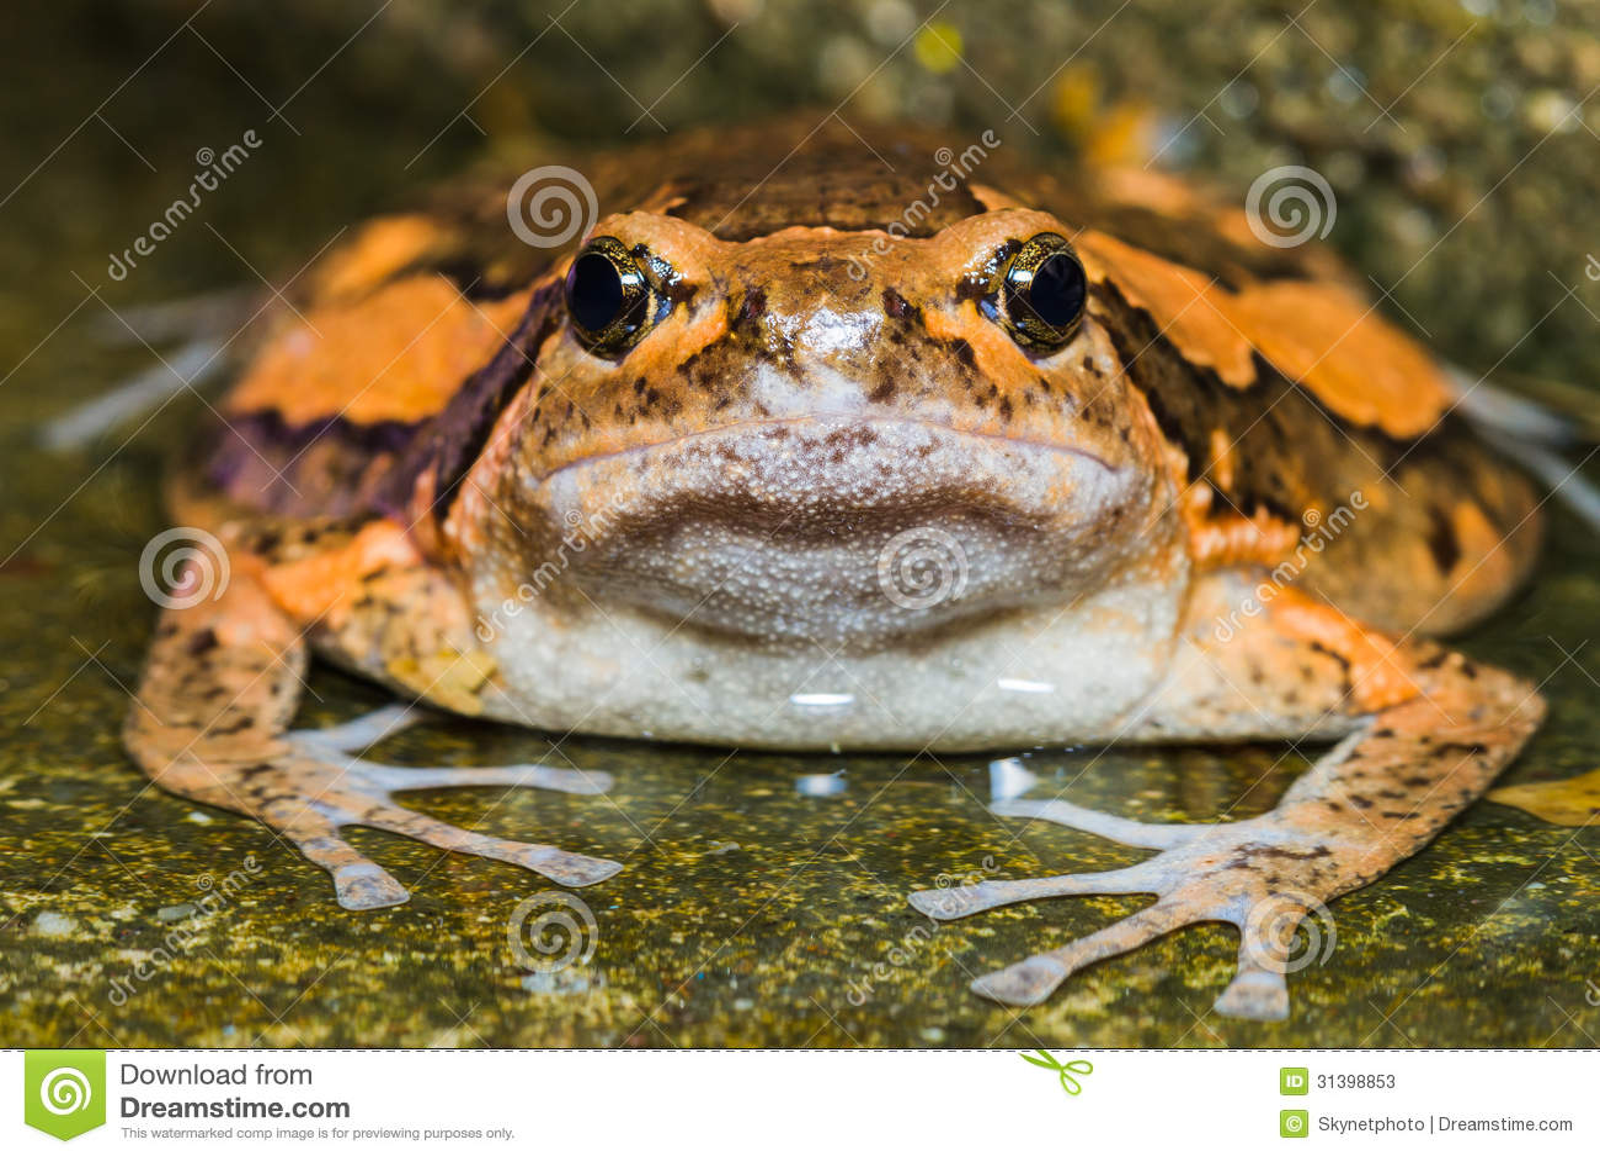 Asiatischer Gemalter Frosch Stockbild - Bild: 27517135